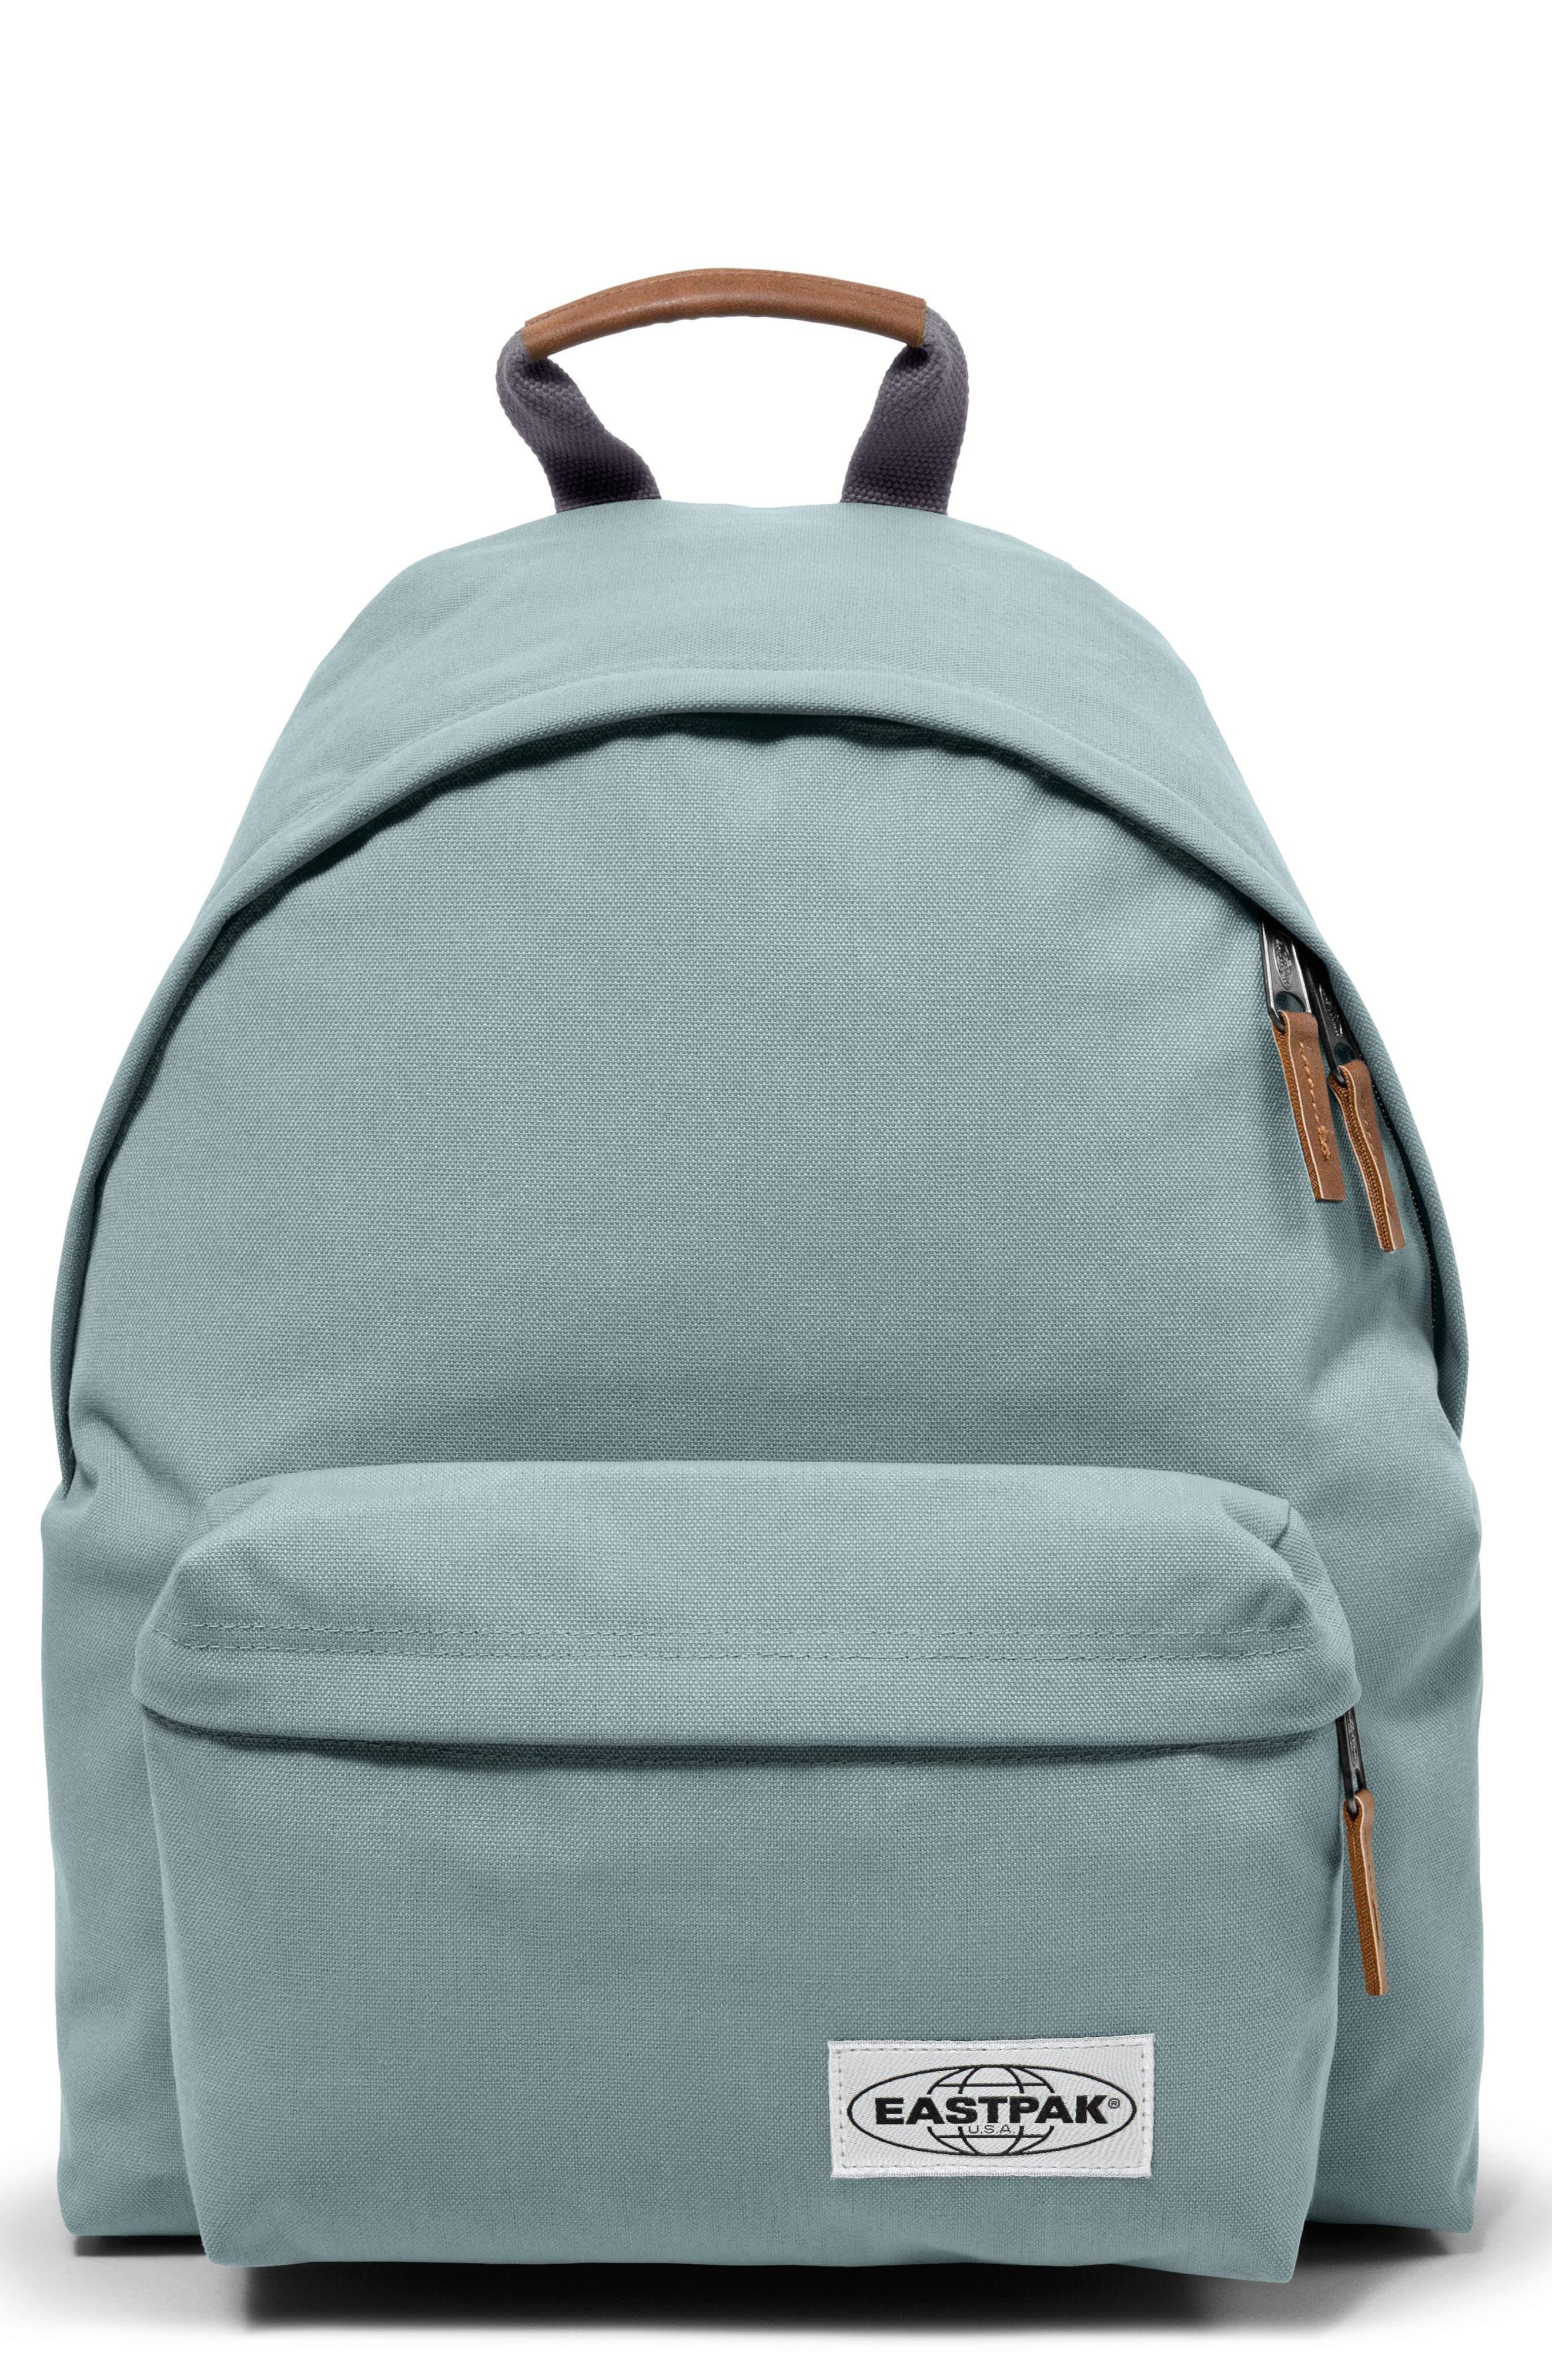 Eastpak Padded Pakr Backpack - Blue